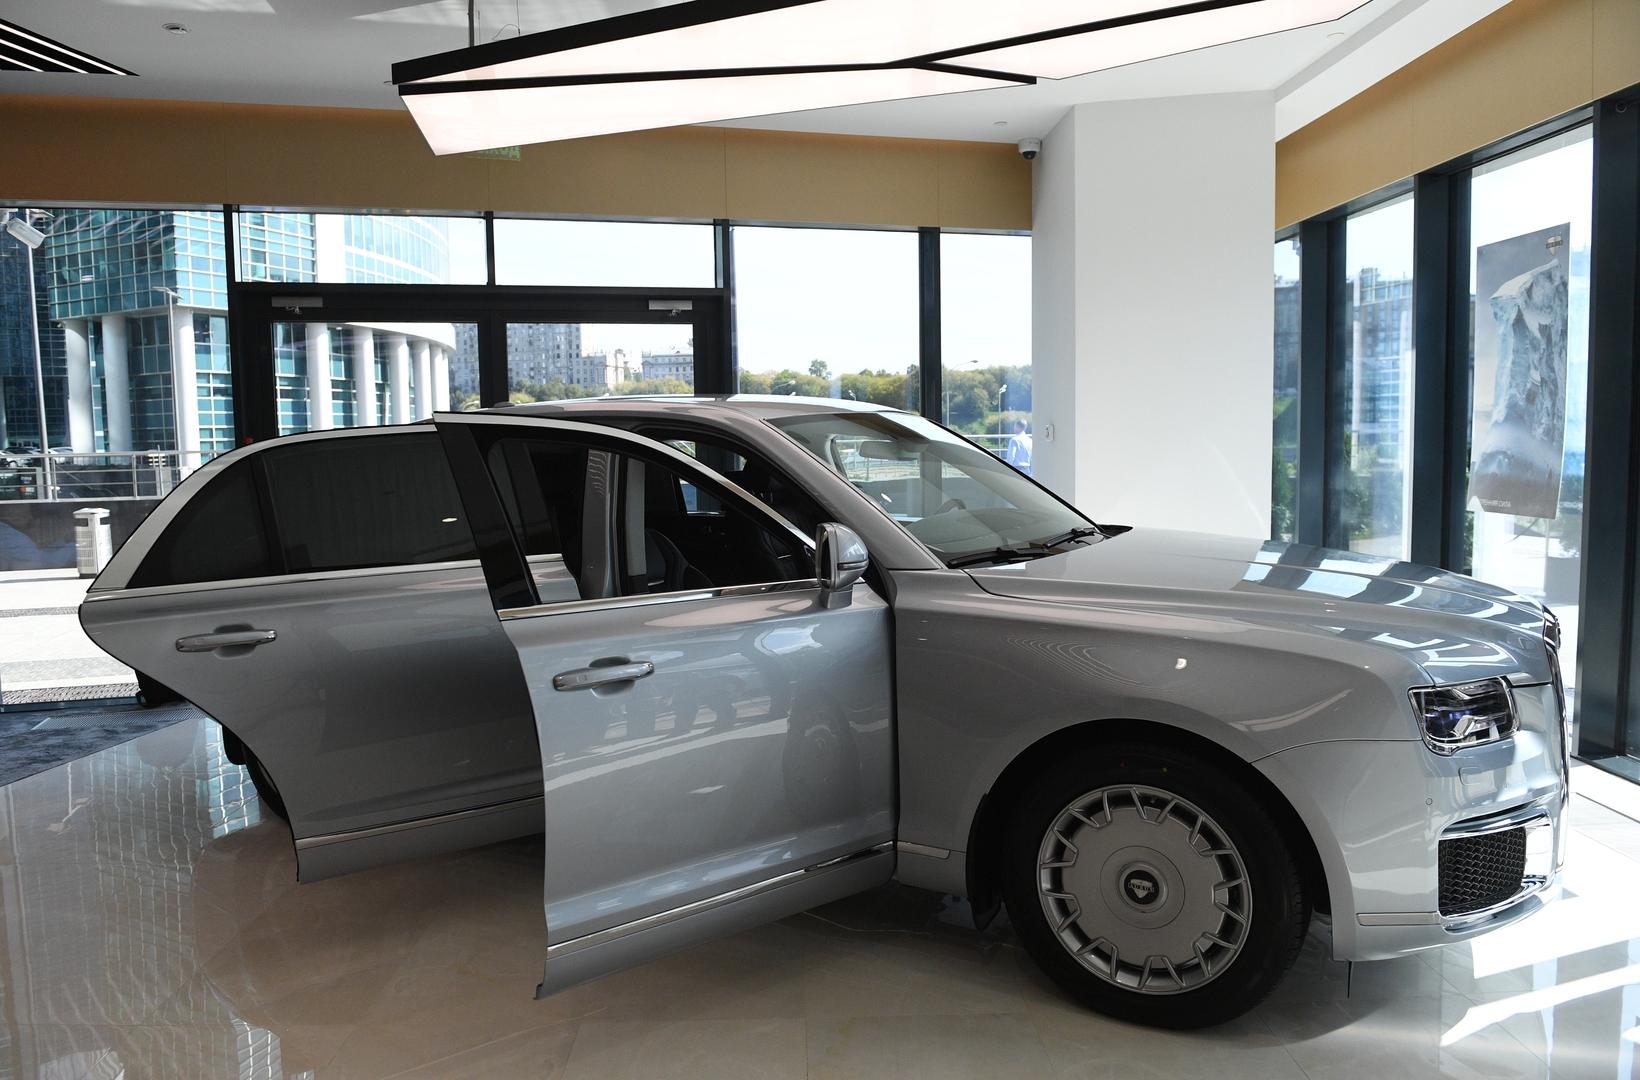 Russland beginnt 2021 mit der Serienproduktion von Putins Limousine Aurus